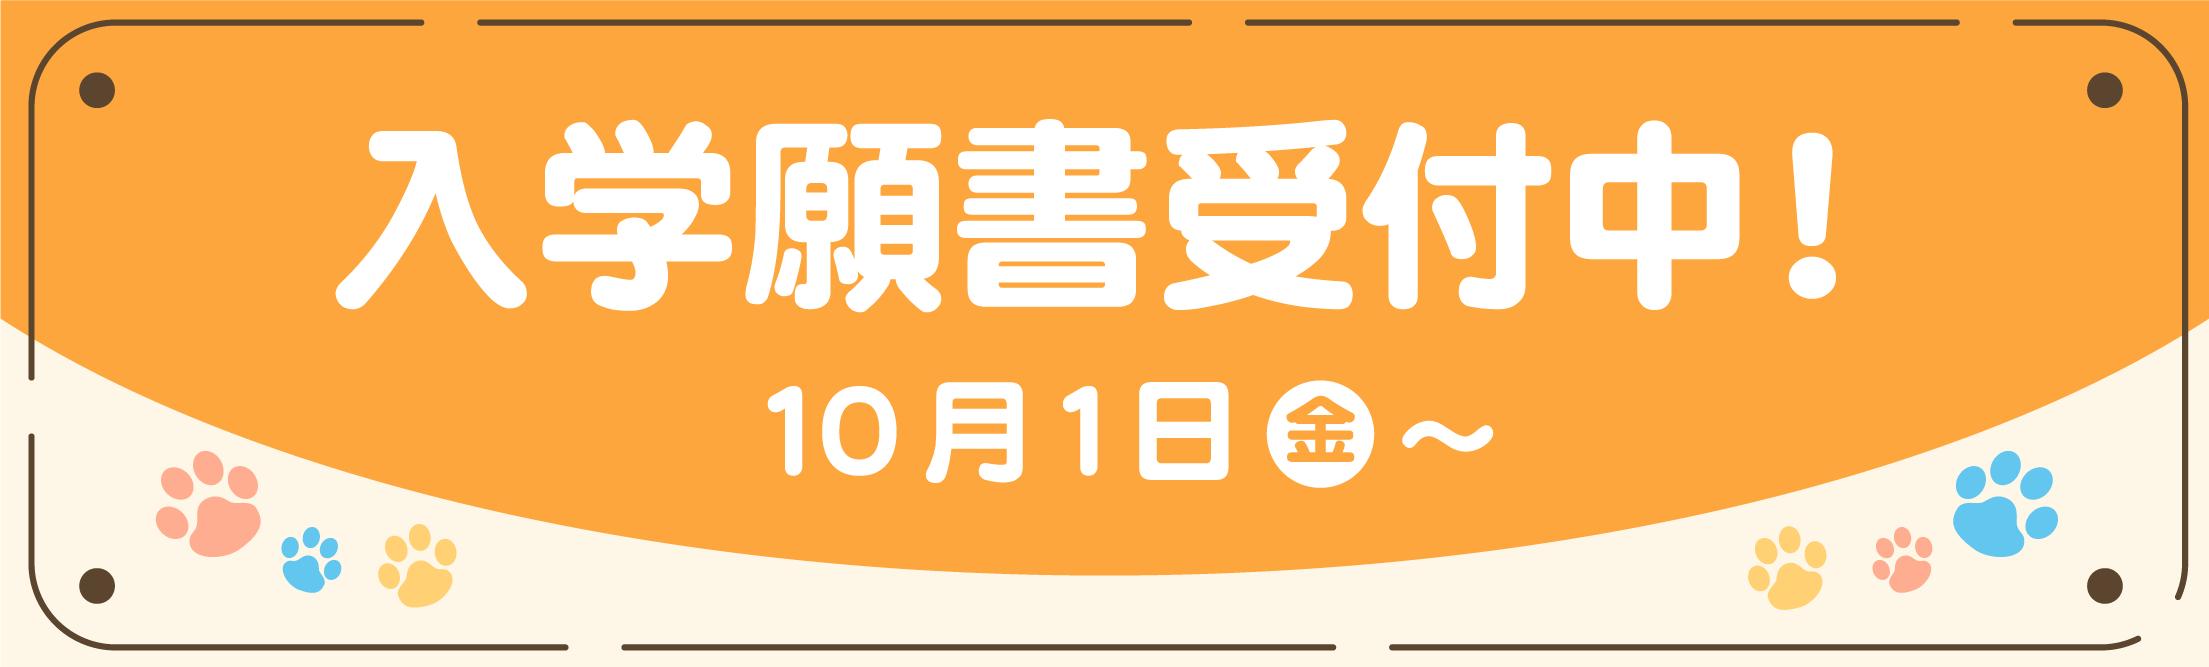 入学願書受付開始!10/1〜